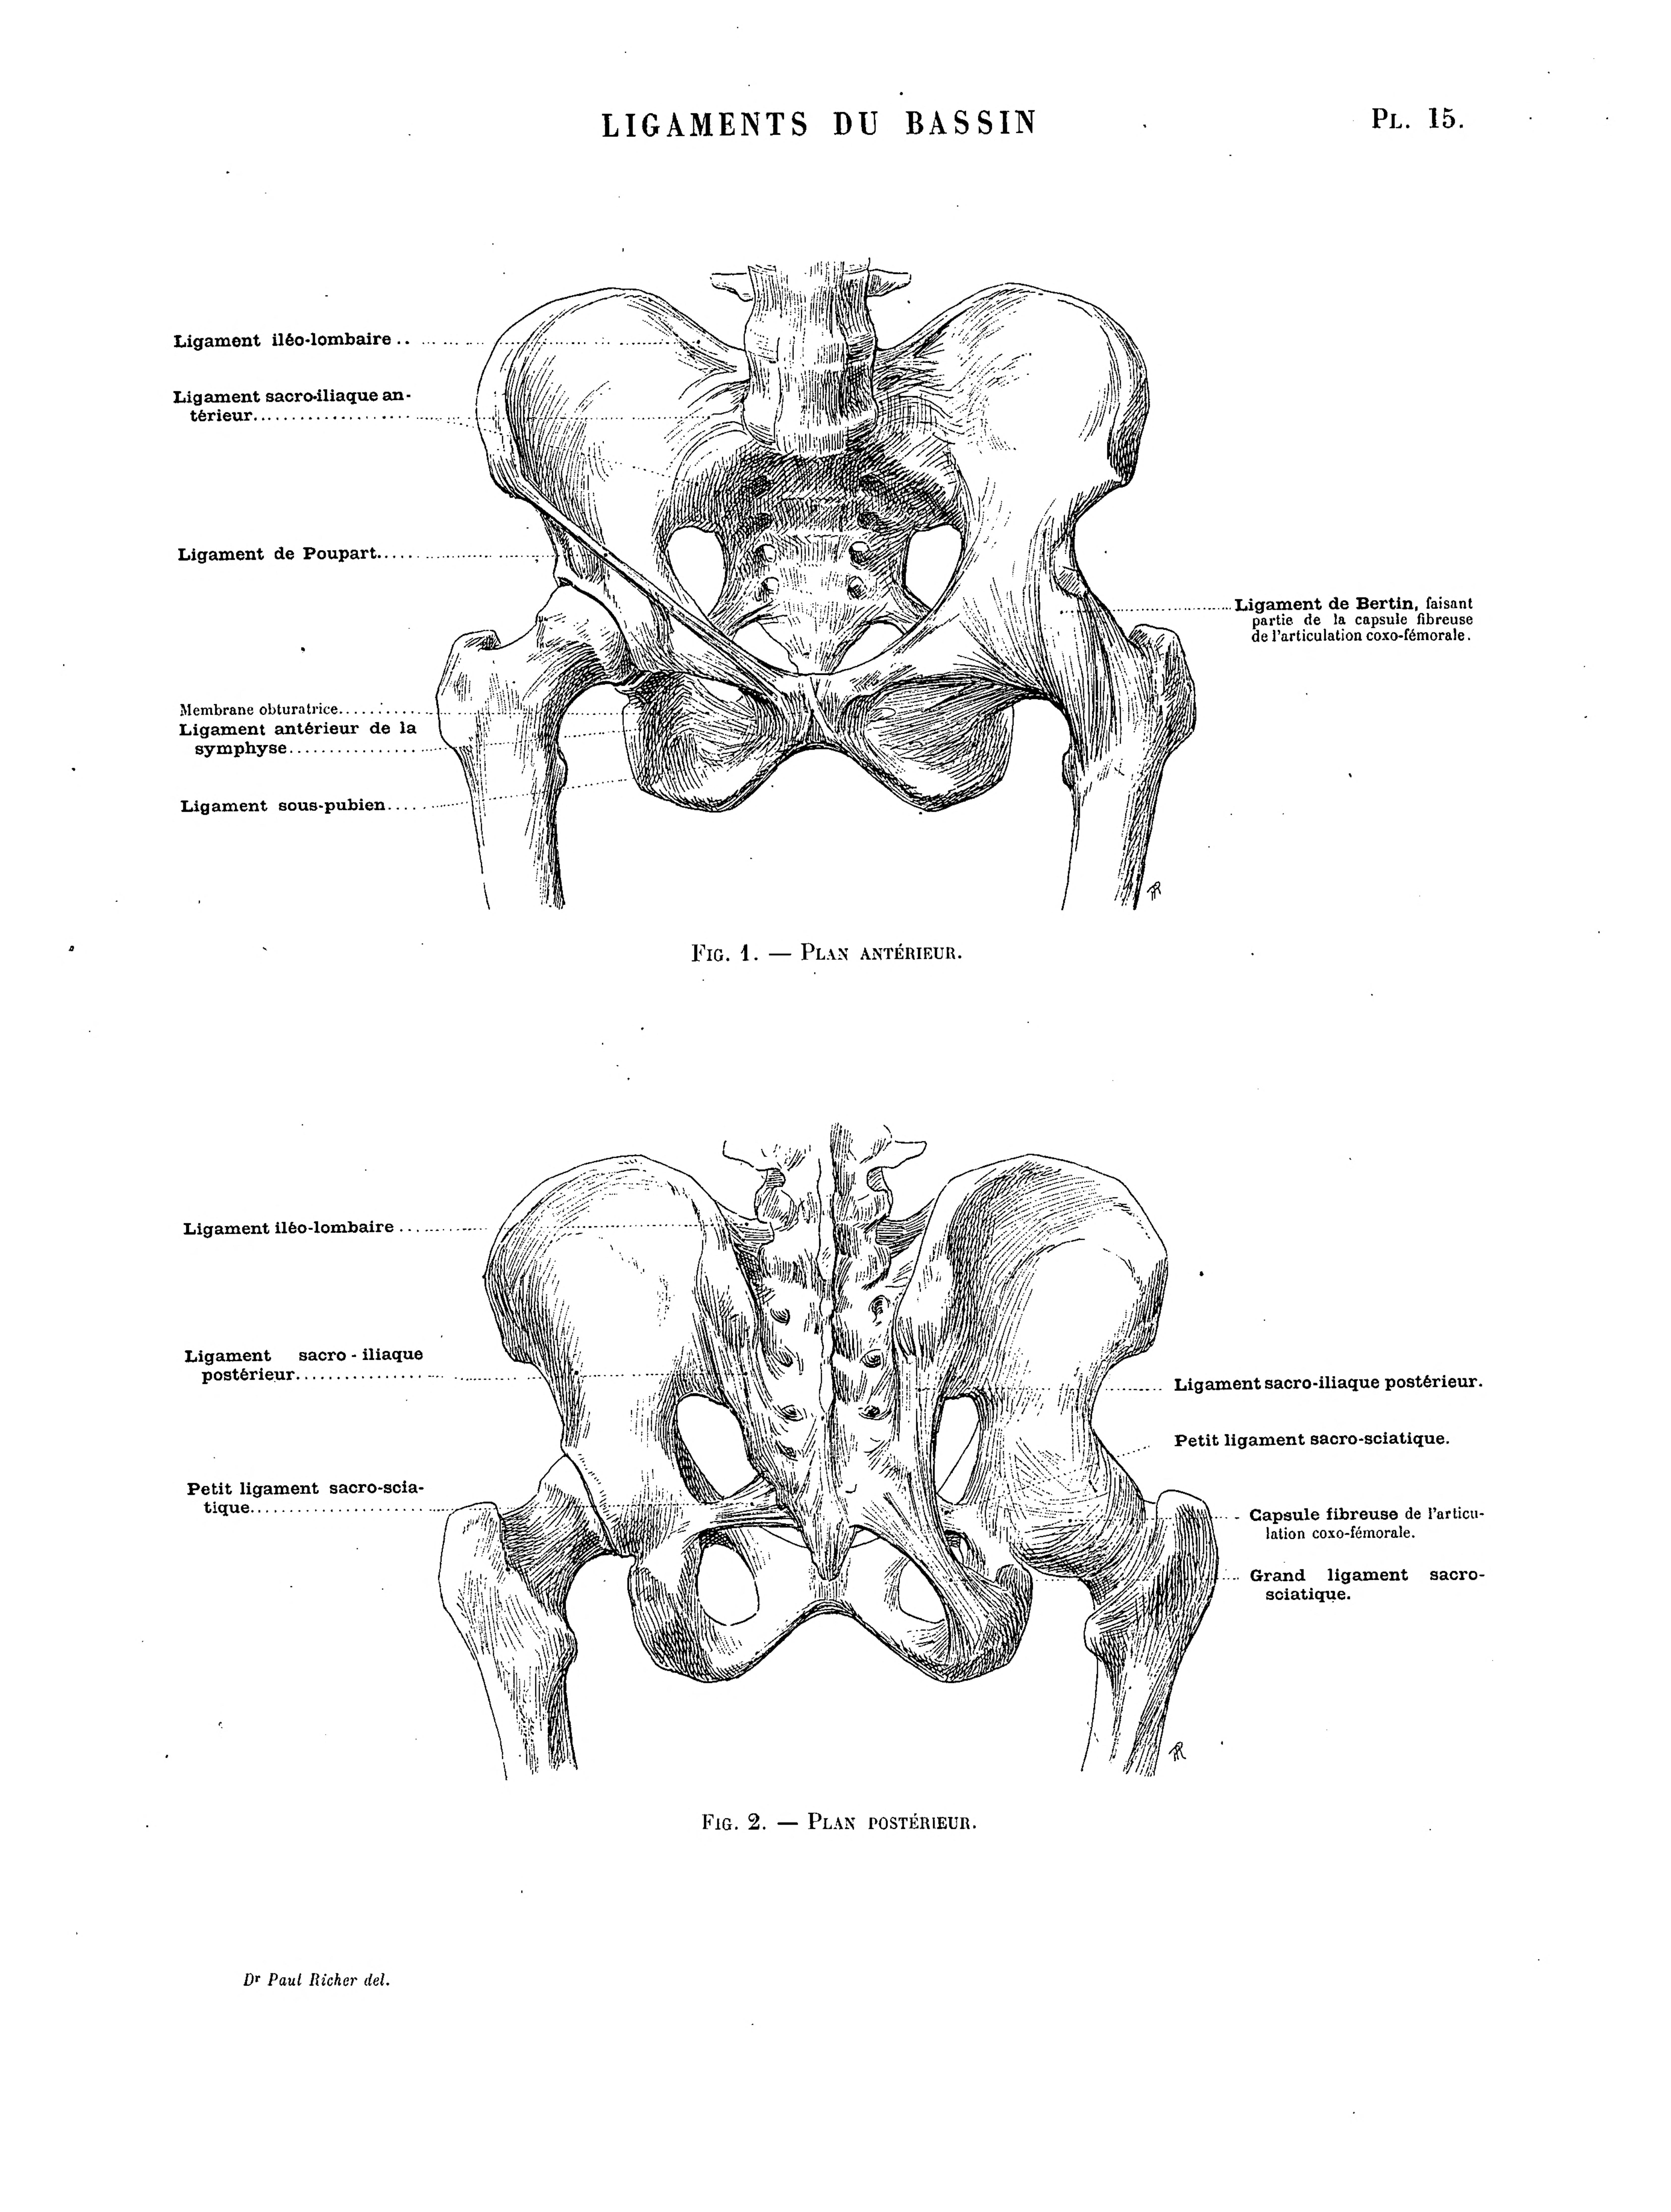 Niedlich Ligamentum Anatomie Galerie - Menschliche Anatomie Bilder ...